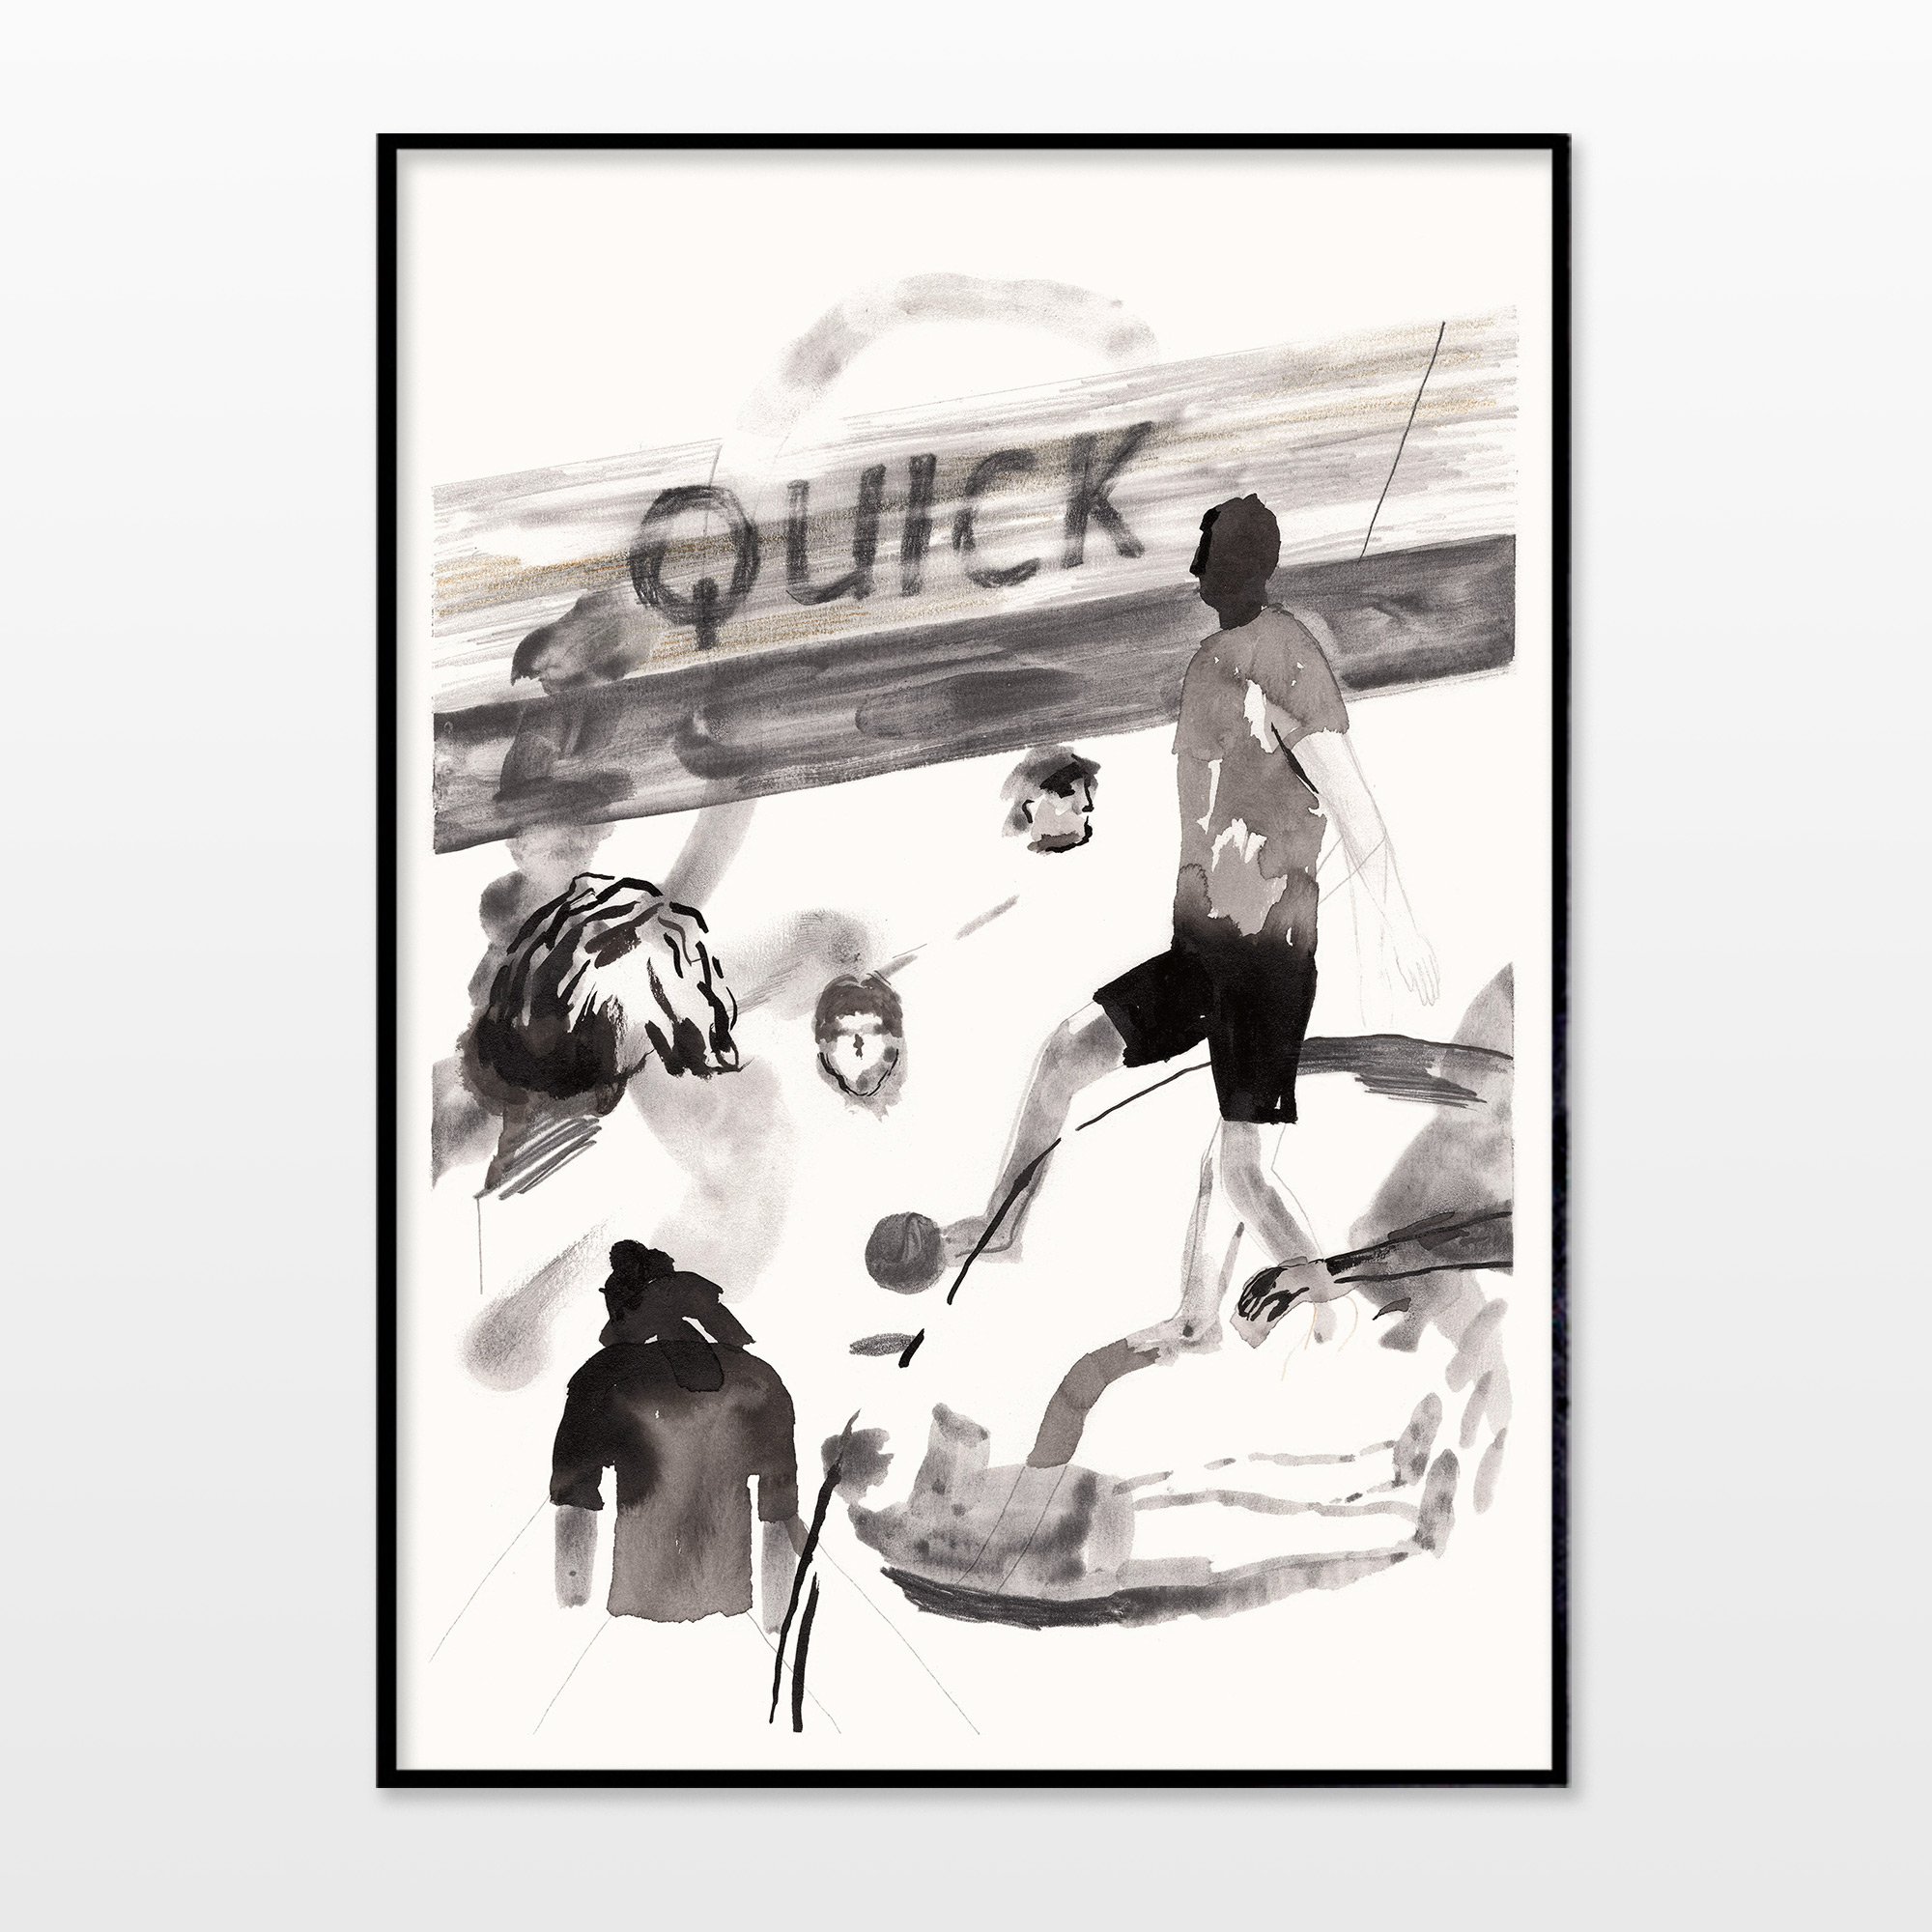 kunsttryk, tegninger, gicleé, akvareller, figurative, geometriske, illustrative, monokrome, bevægelse, sport, sorte, grå, hvide, artliner, blæk, papir, akvarel, dansk, dekorative, design, spil, interiør, bolig-indretning, mænd, moderne, moderne-kunst, nordisk, plakater, tryk, skandinavisk, Køb original kunst og kunstplakater. Malerier, tegninger, limited edition kunsttryk & plakater af dygtige kunstnere.